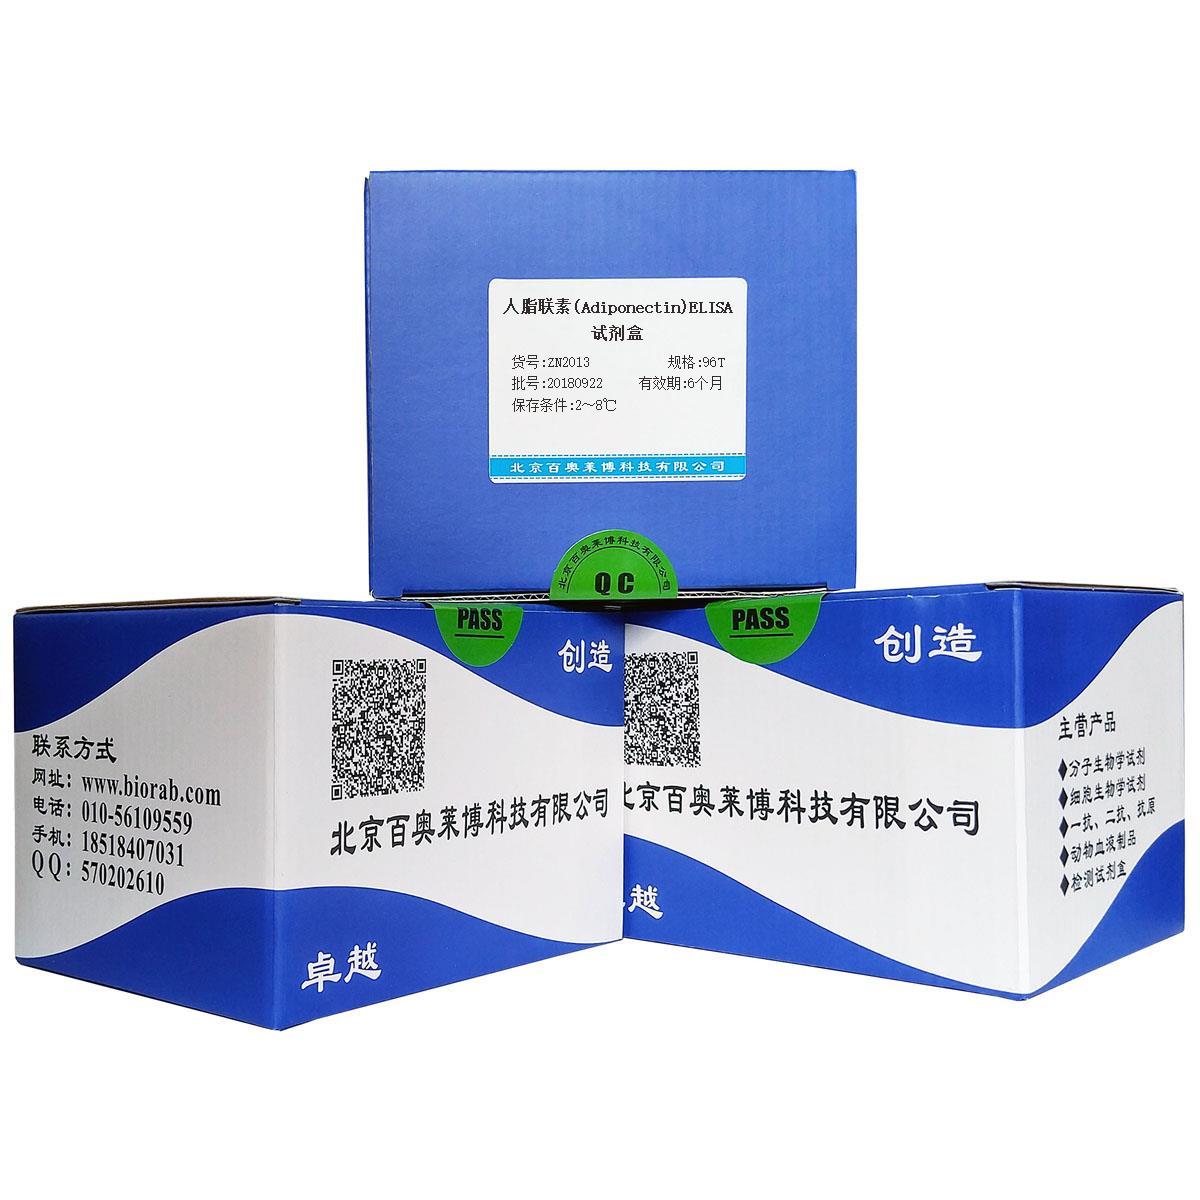 人脂联素(Adiponectin)ELISA试剂盒